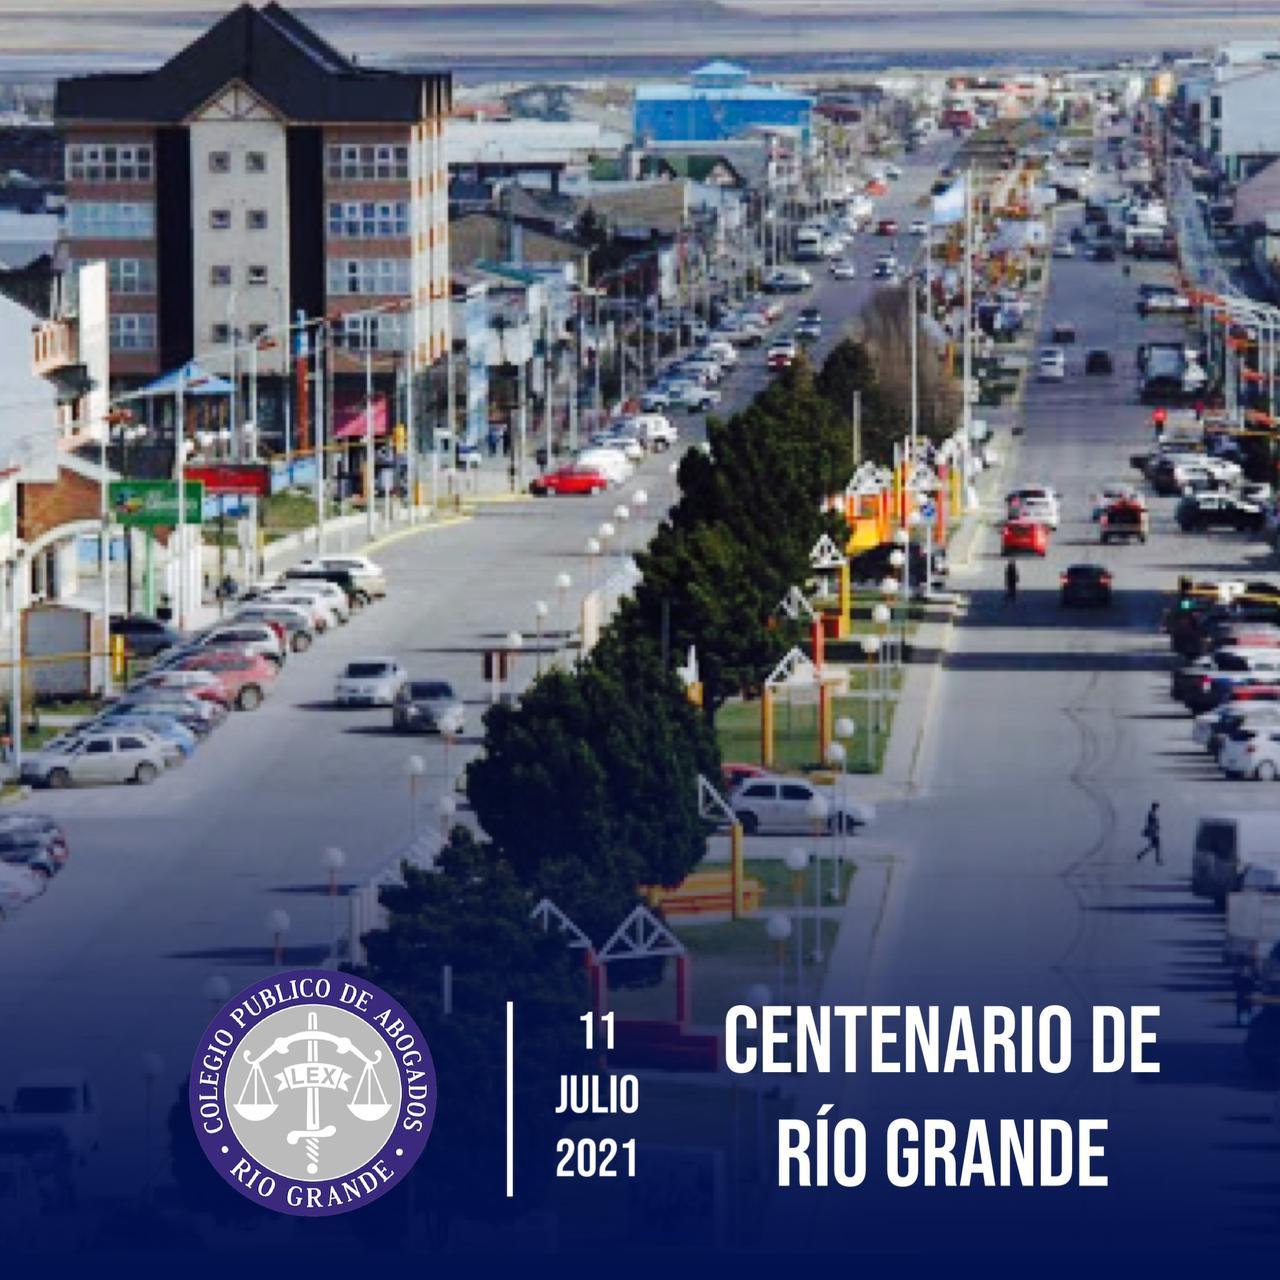 centenario rio grande